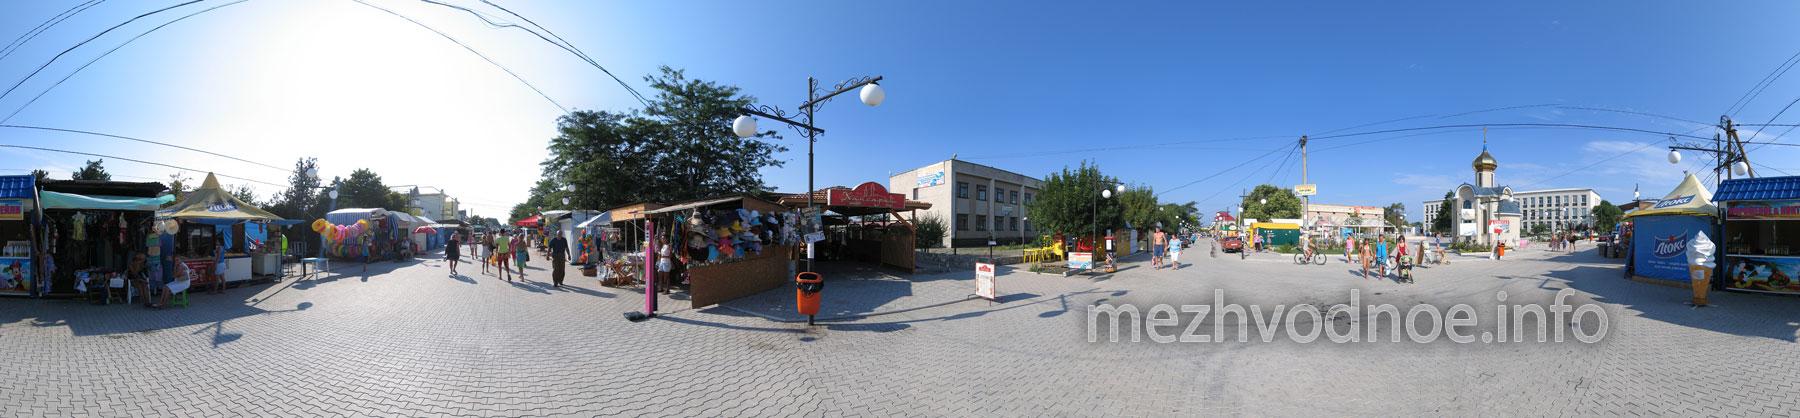 Бульвар/бродвей Межводного в районе часовни